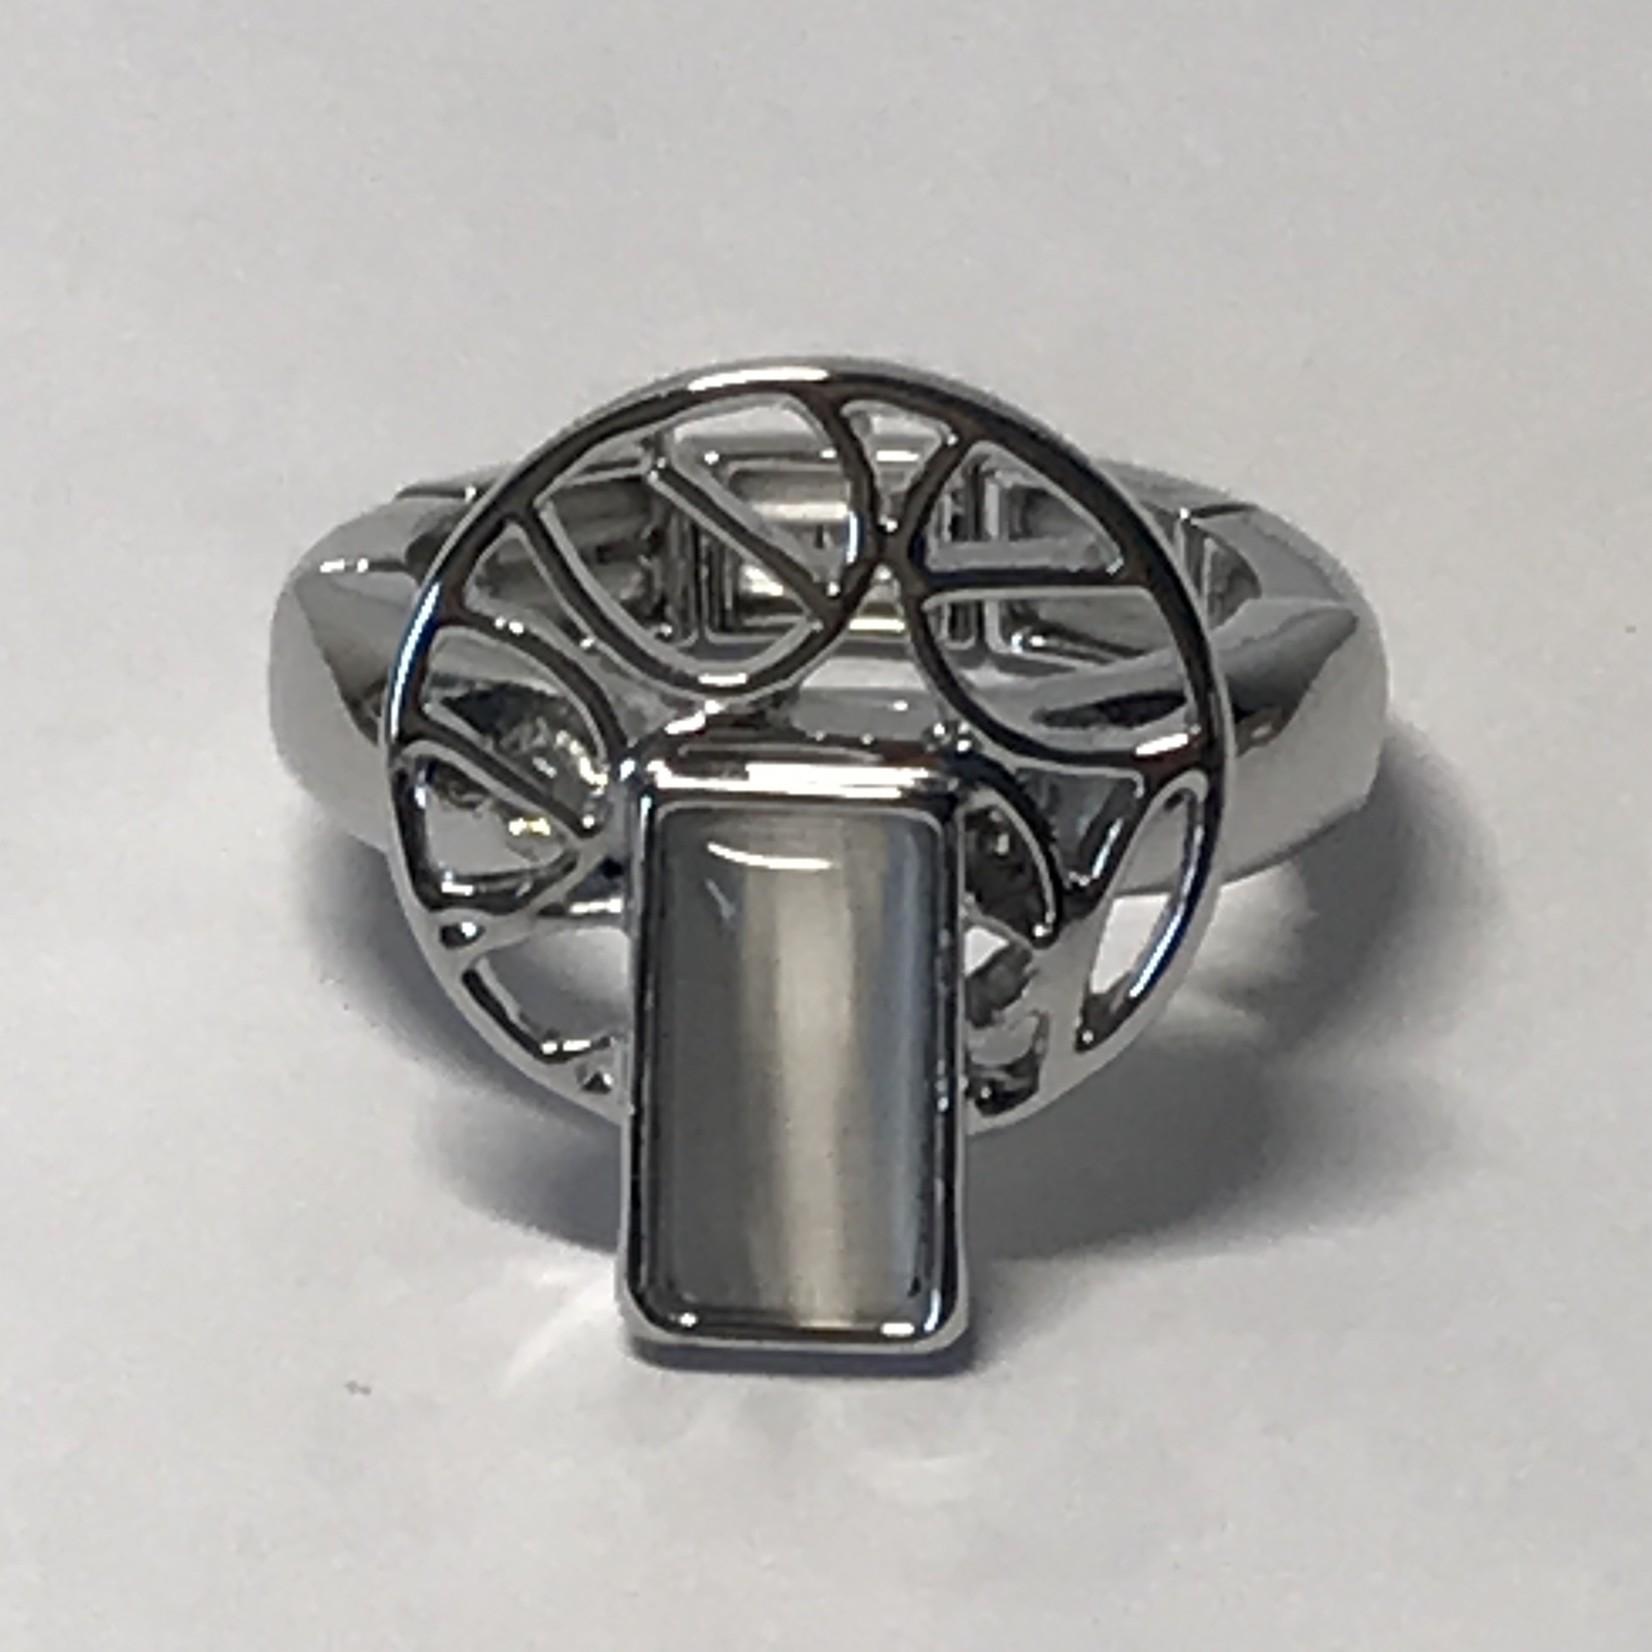 Axxes-Soir Ring - 1 maat - op elastiek - gun metal - met cateye